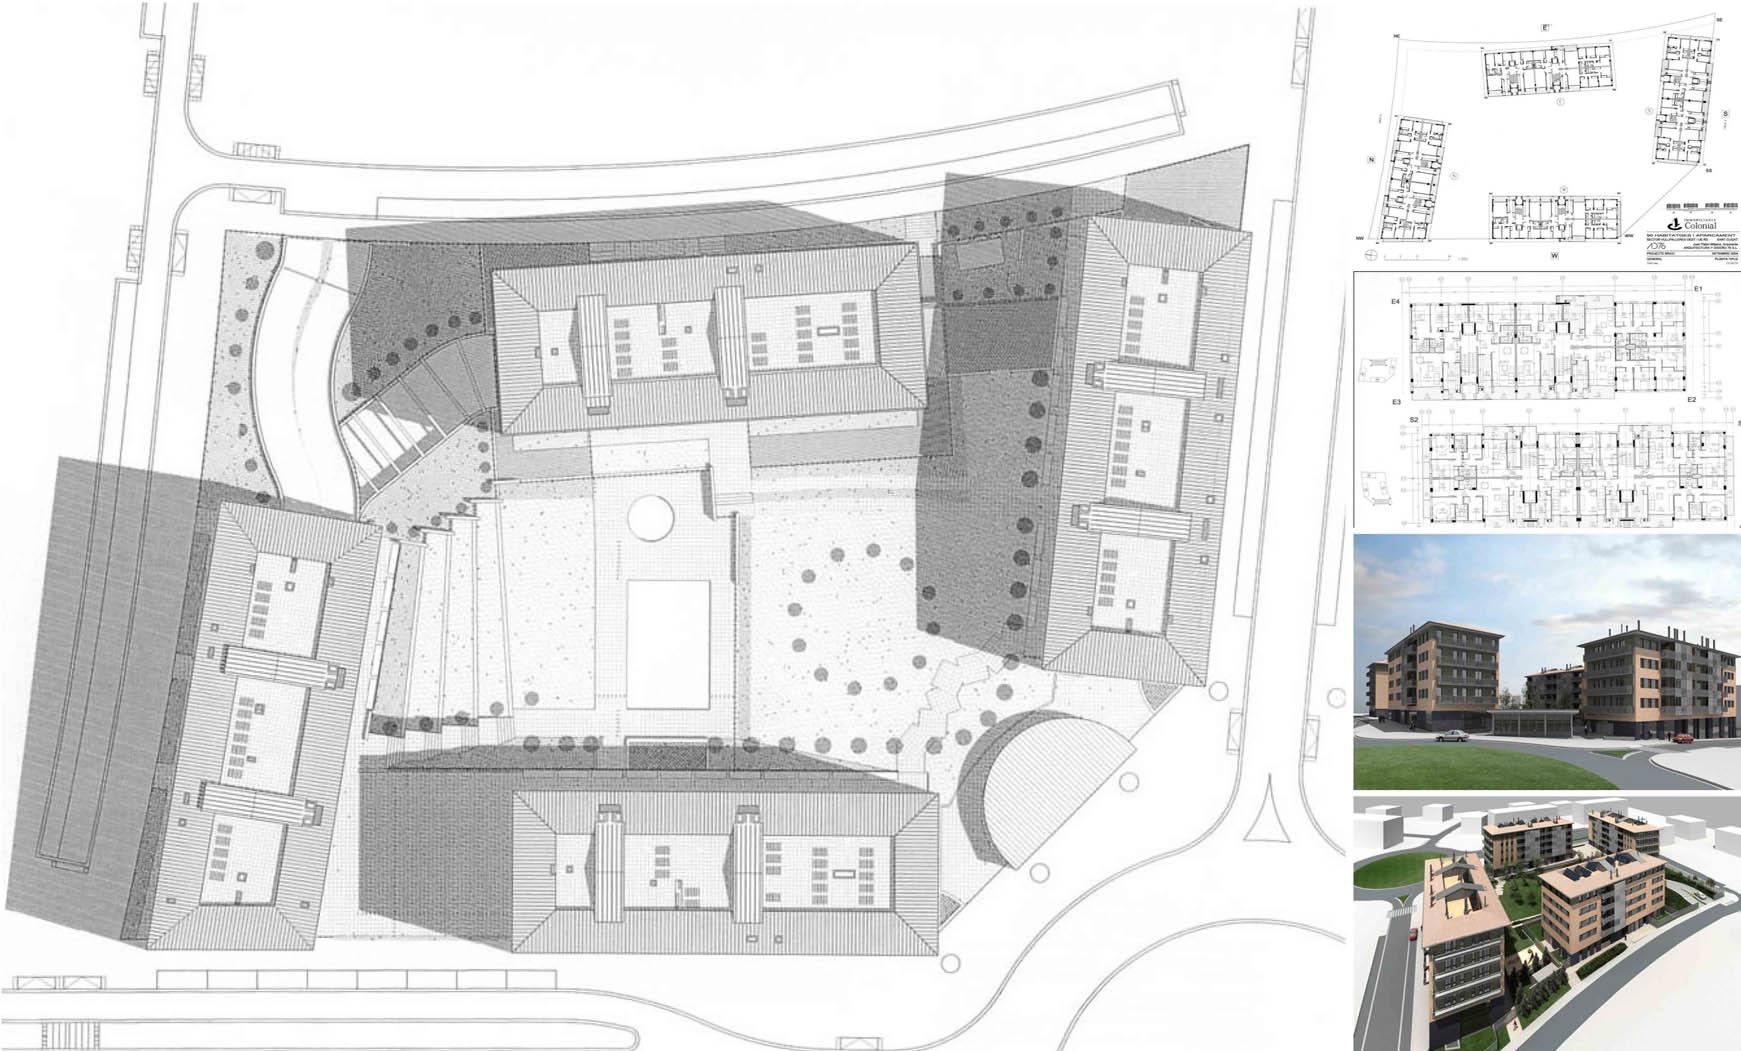 90 viviendas, bajos comerciales, aparcamiento subterráneo y jardín en St. Cugat (2008) 2/2